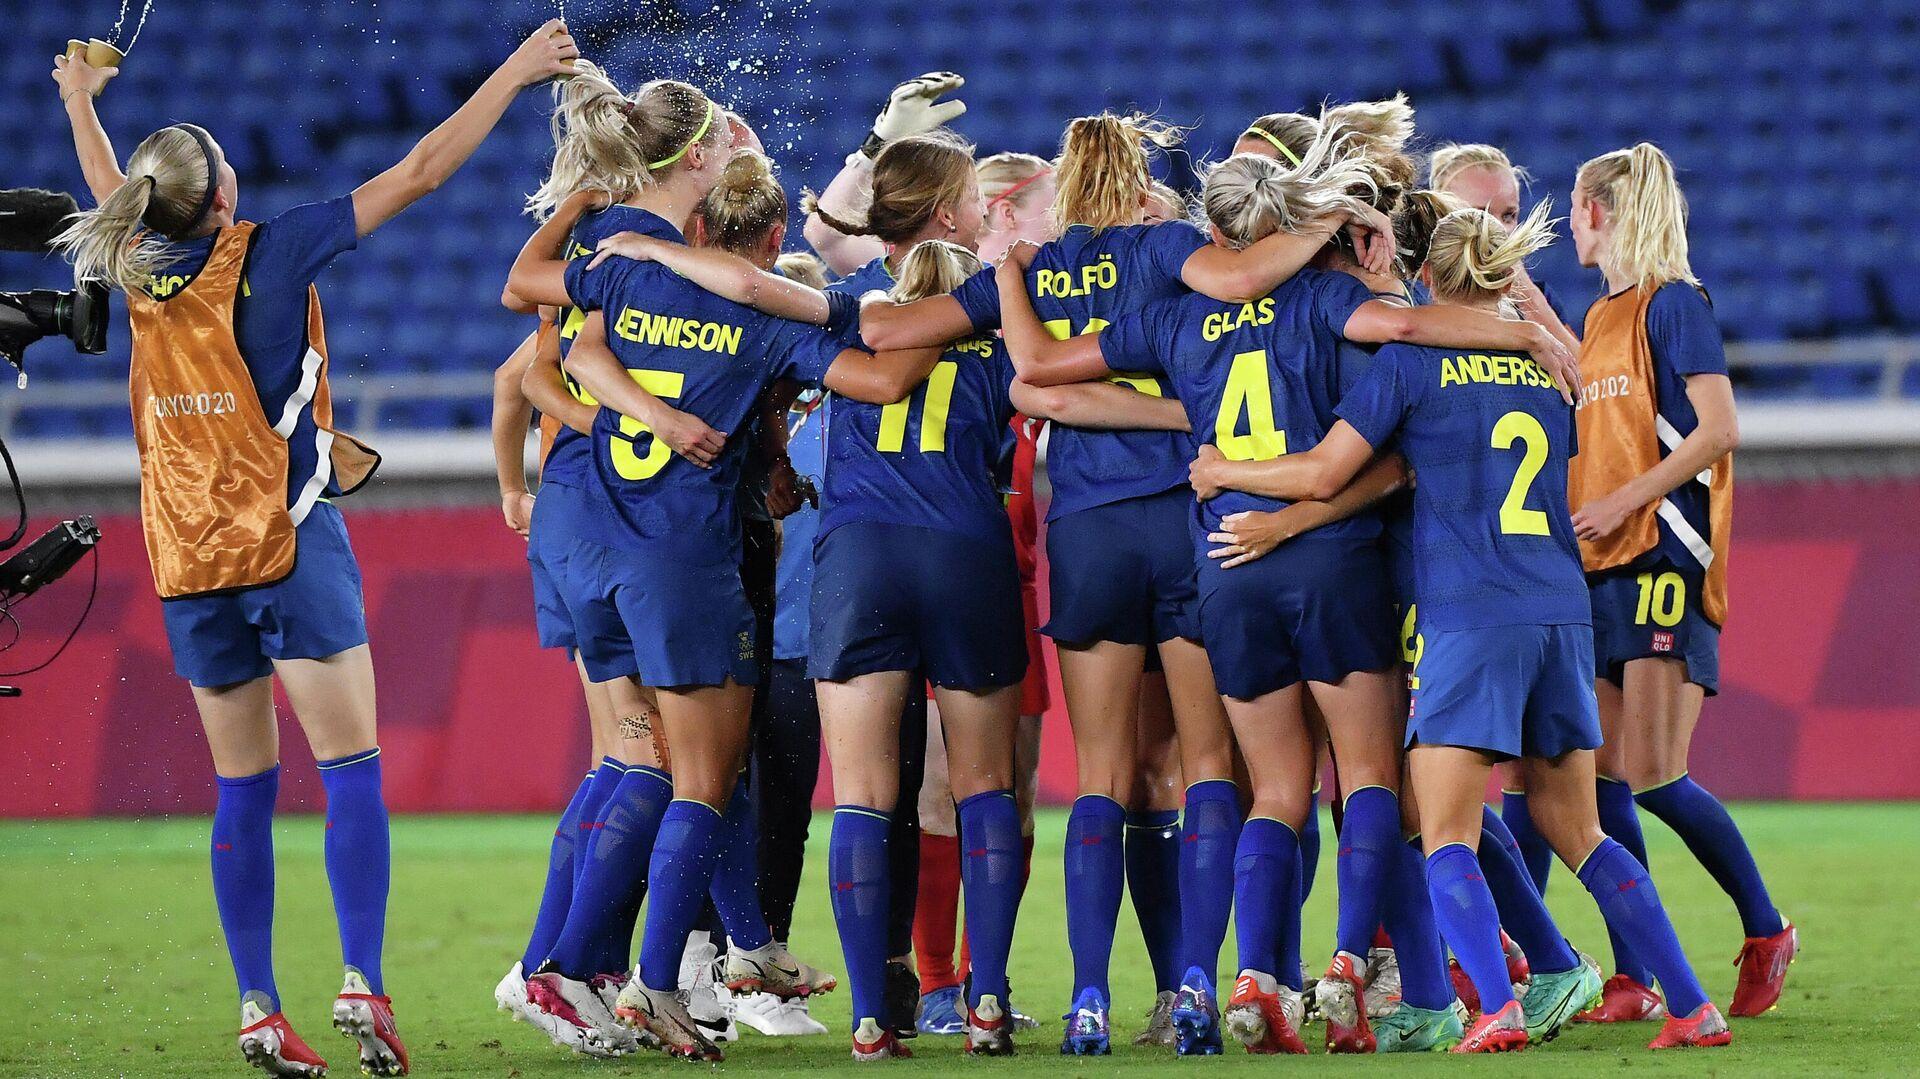 Женская сборная Швеции по футболу - РИА Новости, 1920, 02.08.2021